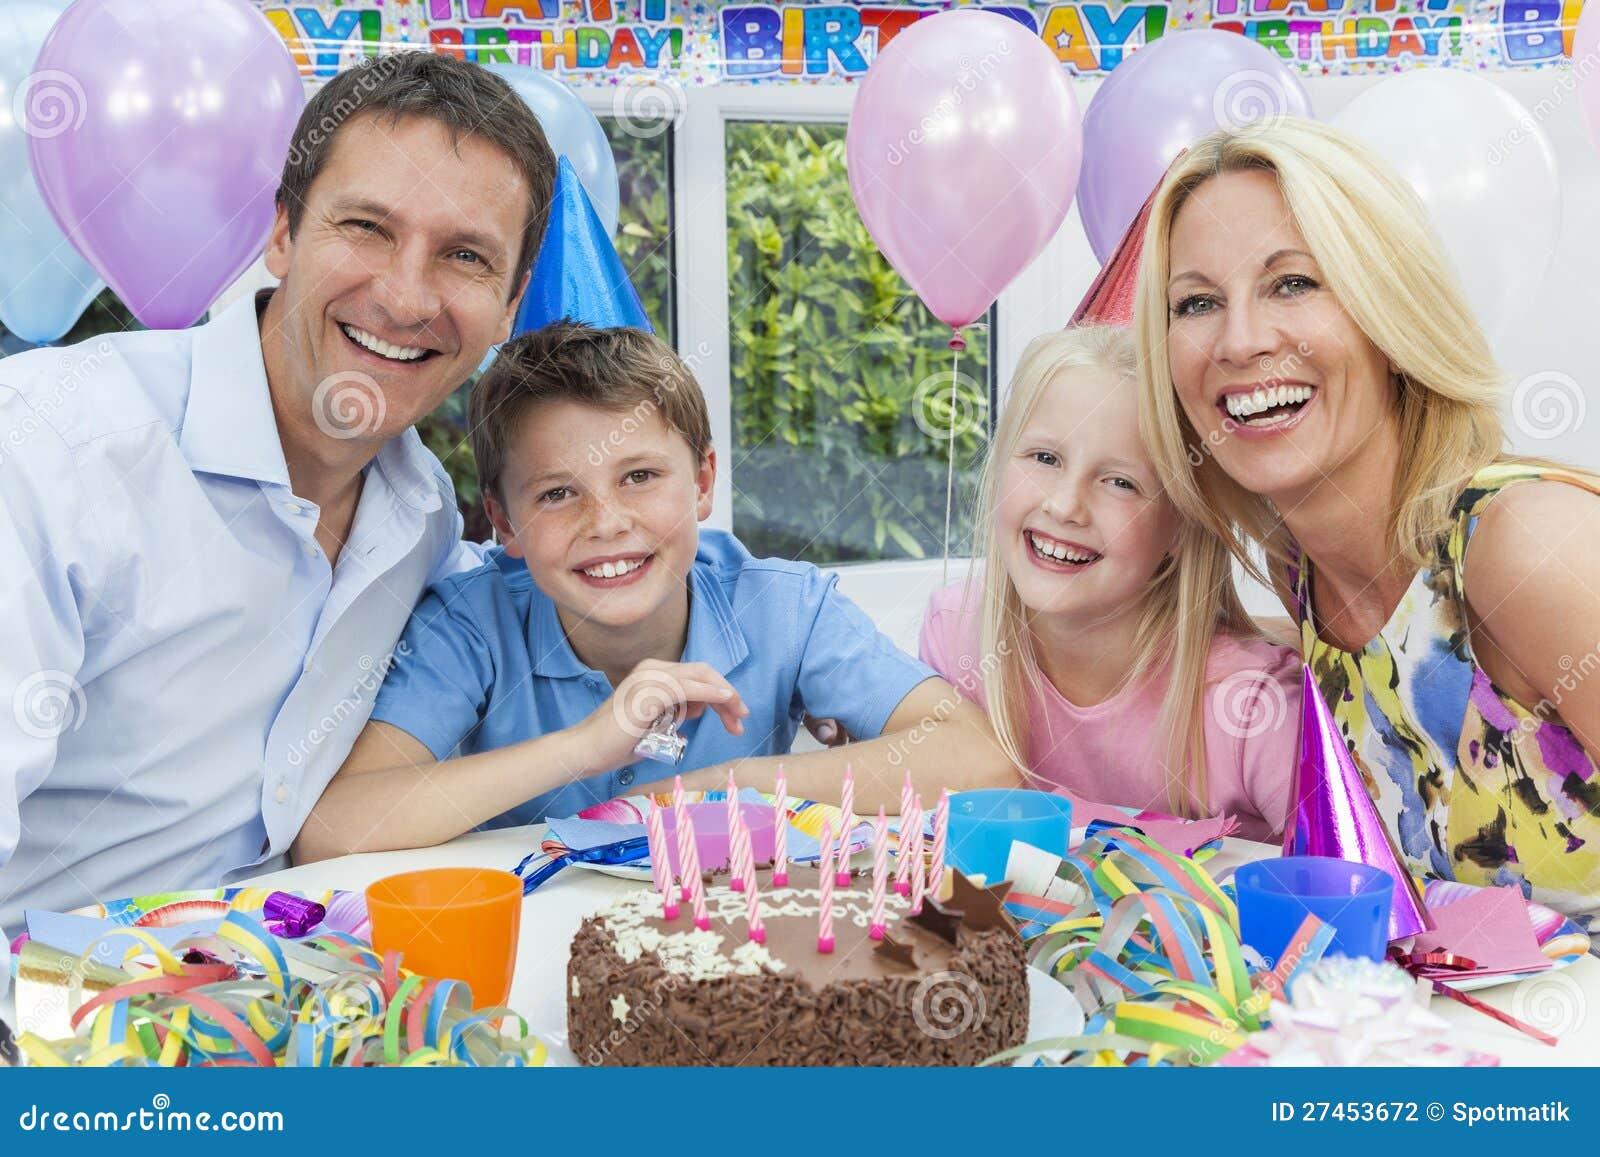 Сценарии дня рождения в кругу семьи без тамады